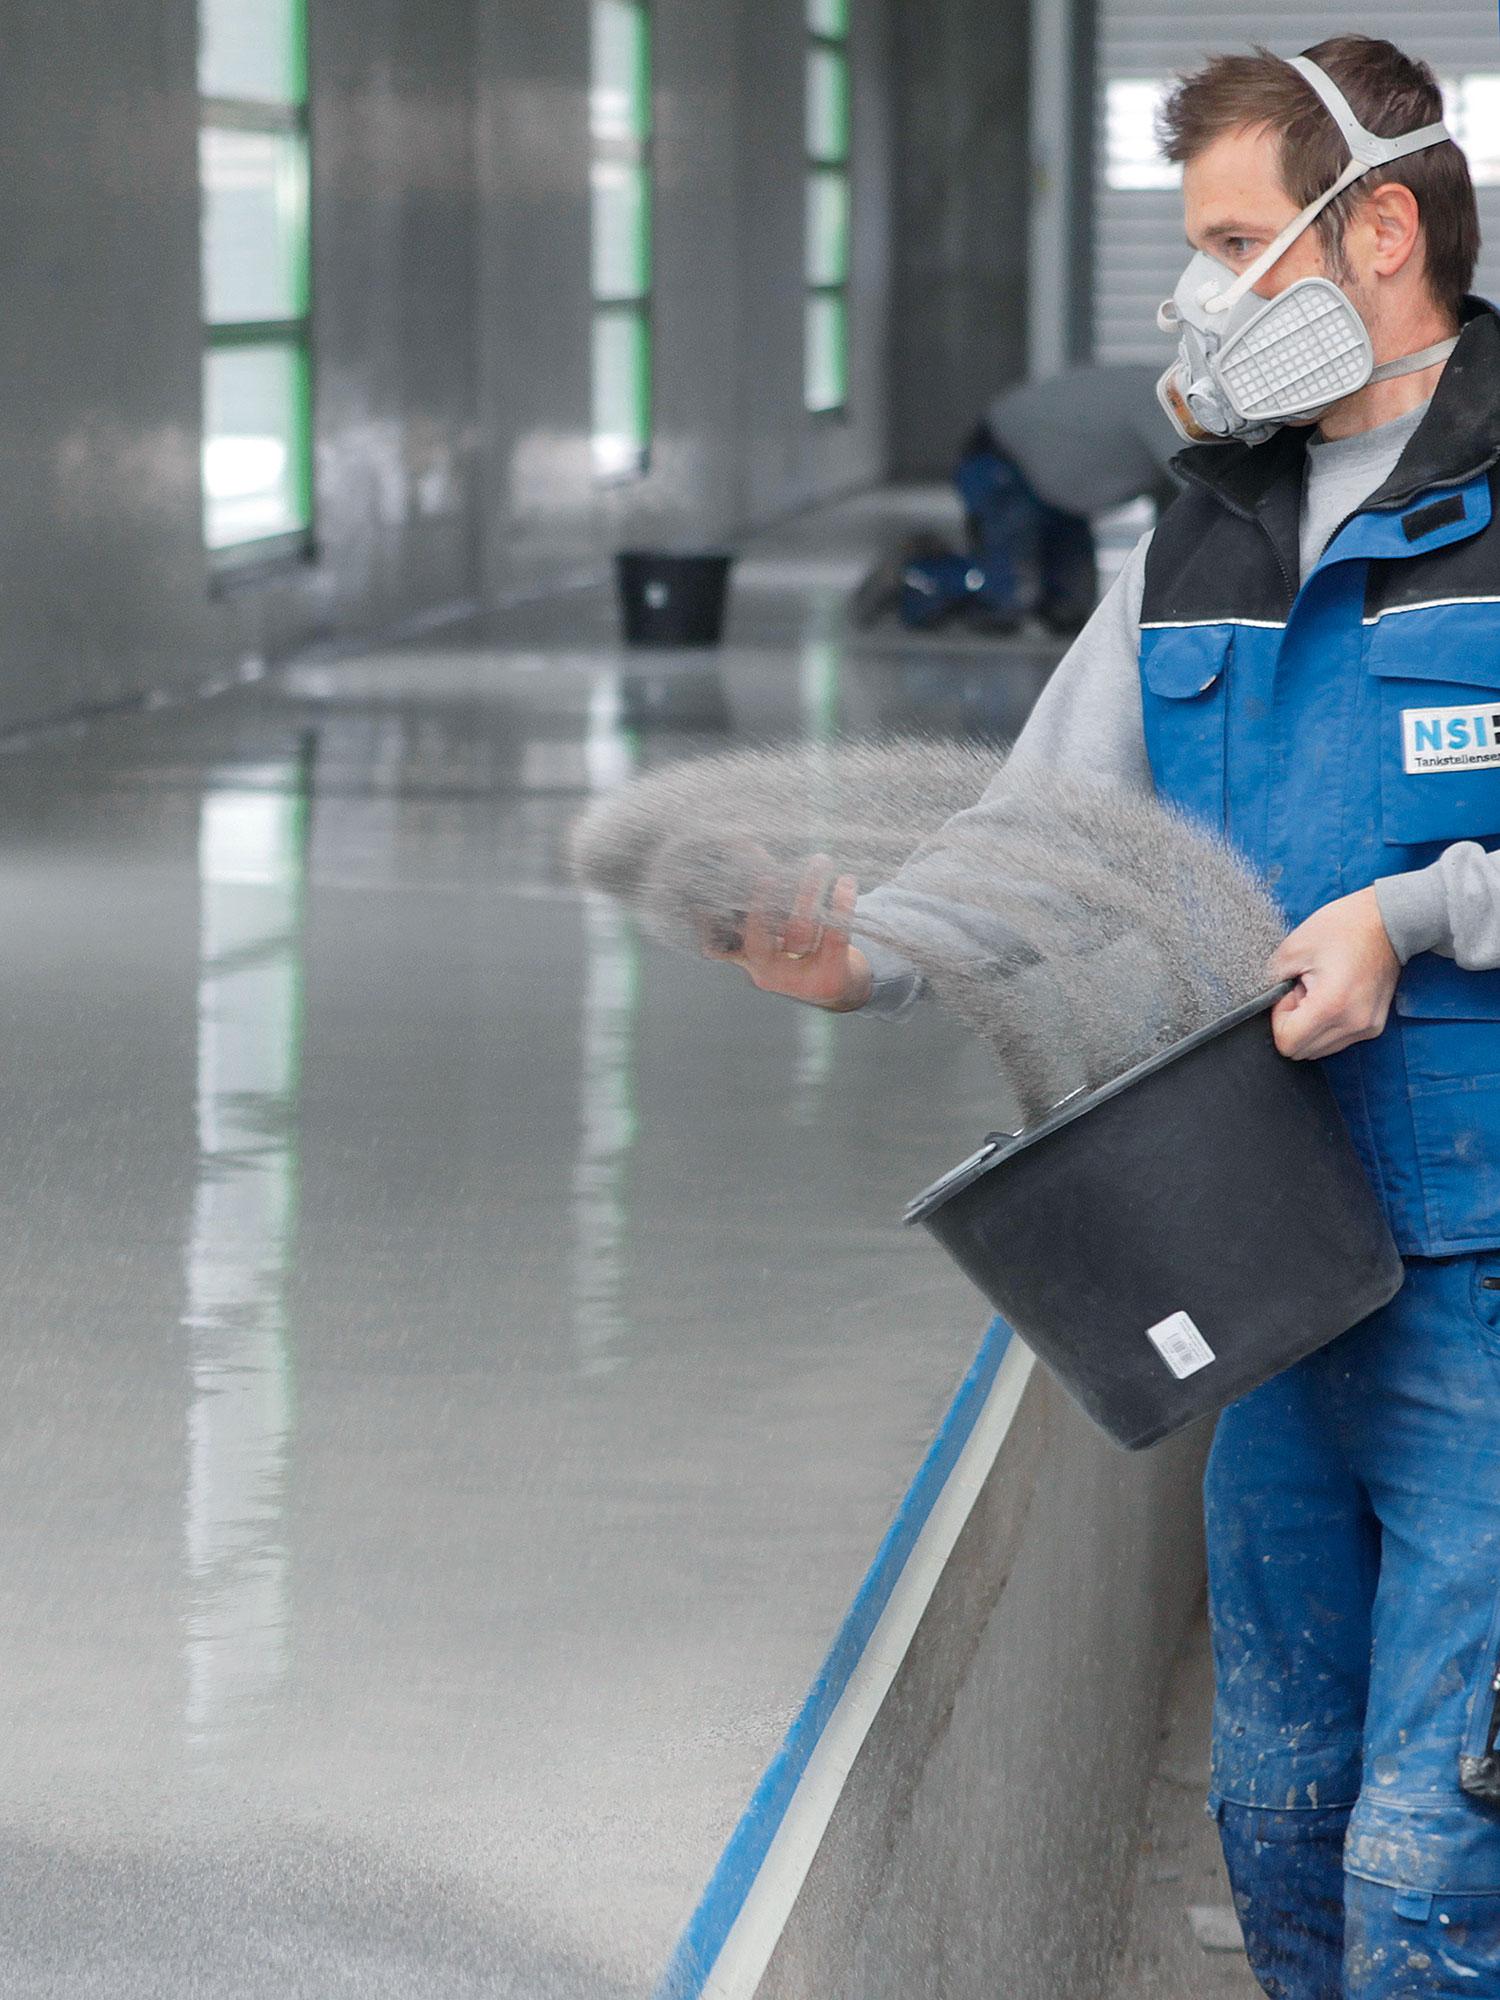 NSI PHG Sanierung Waschstrasse Waschhalle Bodenbelag Streuung Detail